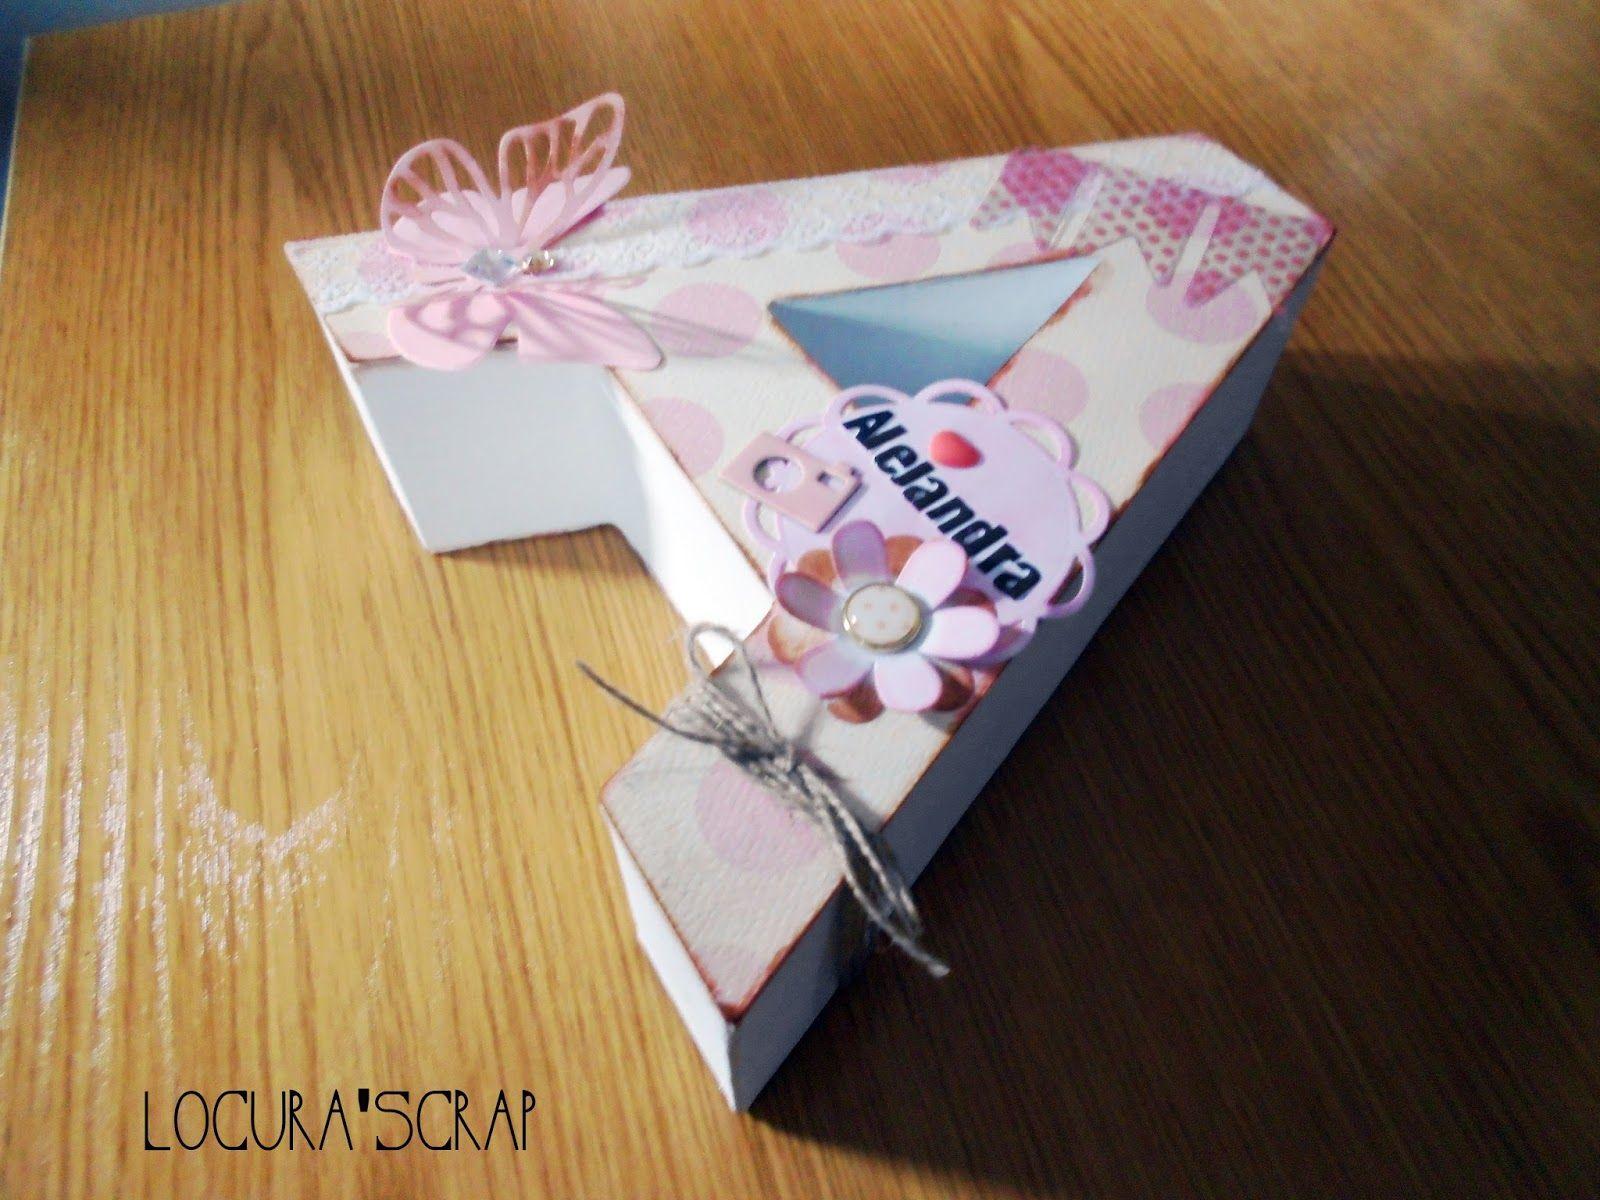 Locura 39 scrap blog dedicado al scrapbooking y manualidades letras a de cart n decoradas - Letras decoradas scrap ...